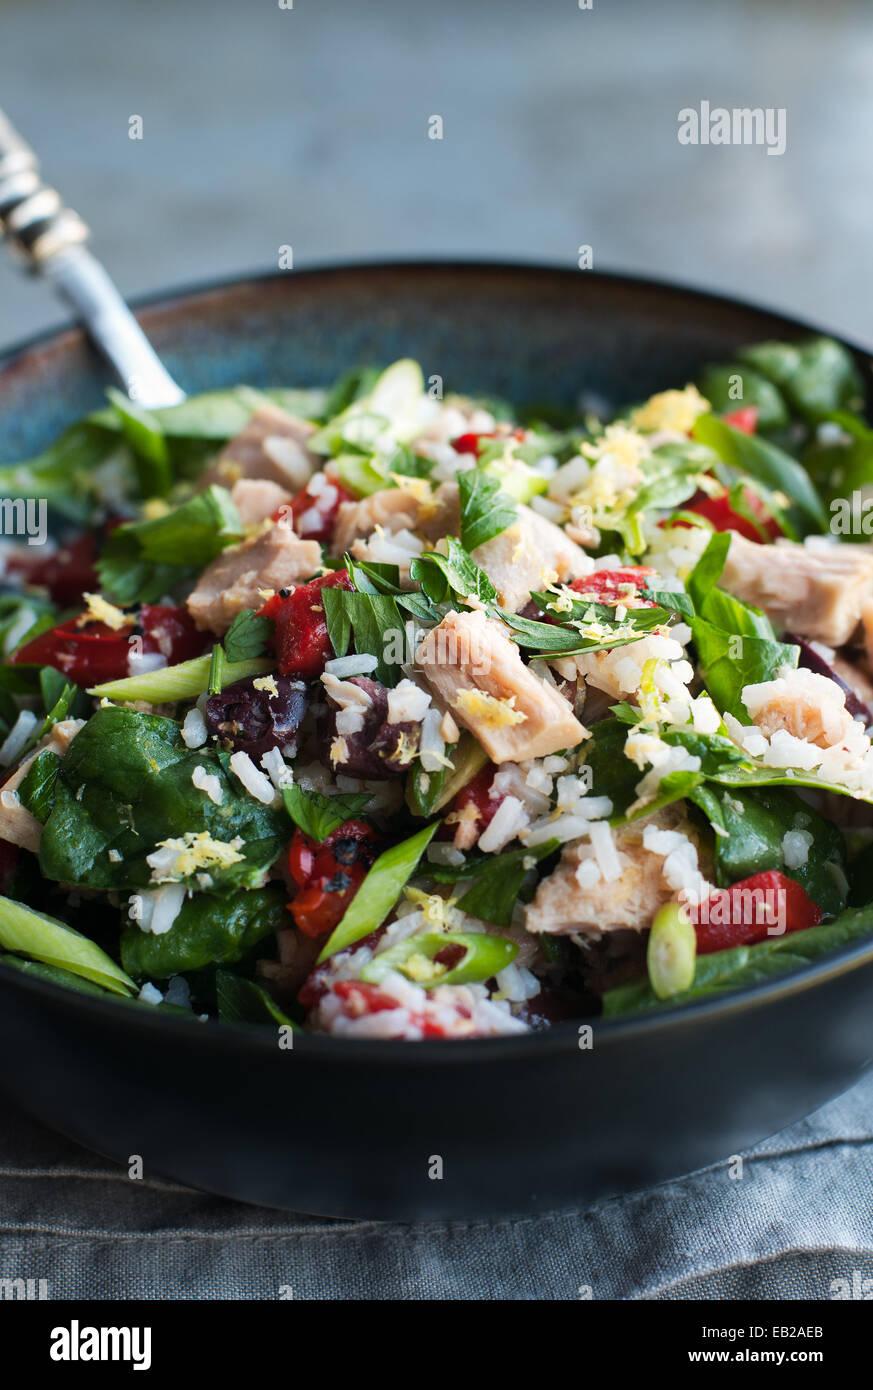 Ensalada mixta con atún, arroz y verduras Imagen De Stock